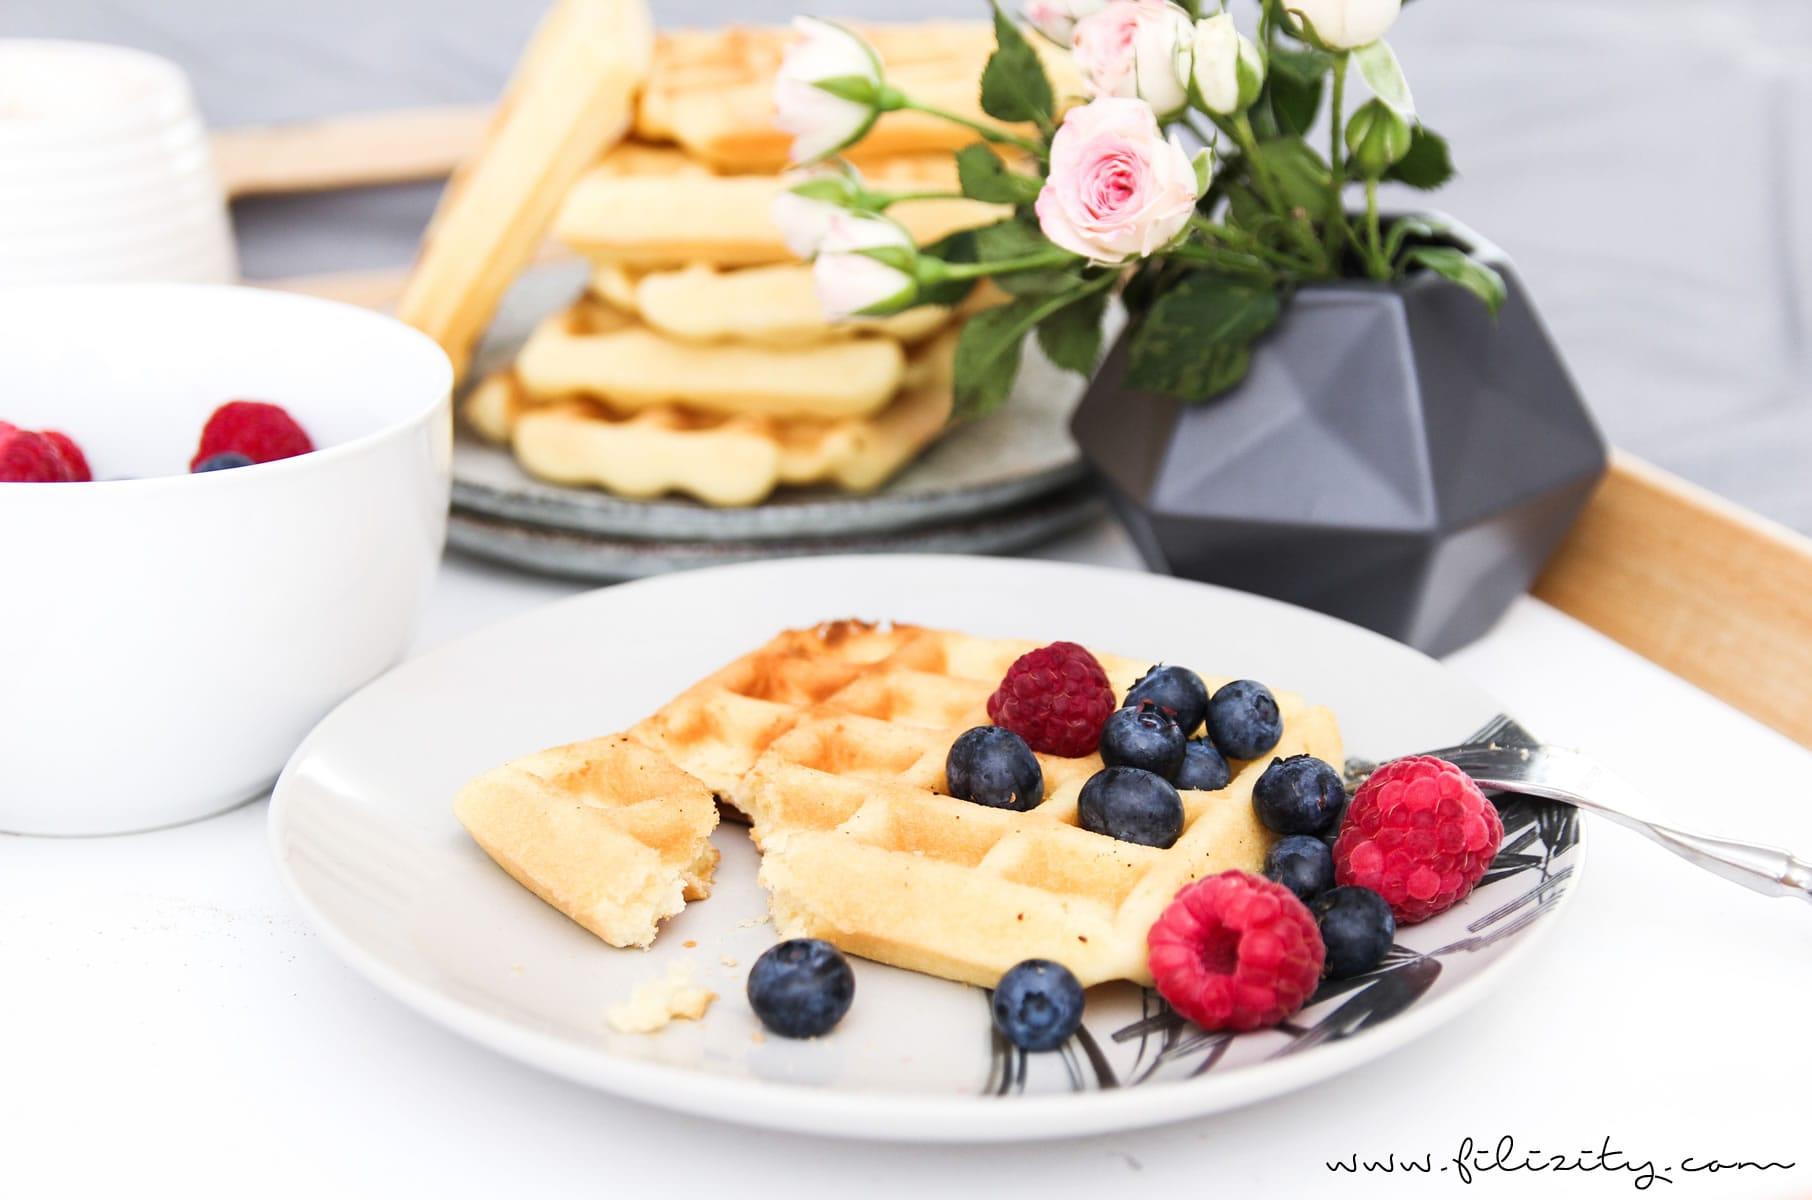 grund-rezept-waffeln-fruehstueck-knusprig-fluffig-food-2-min